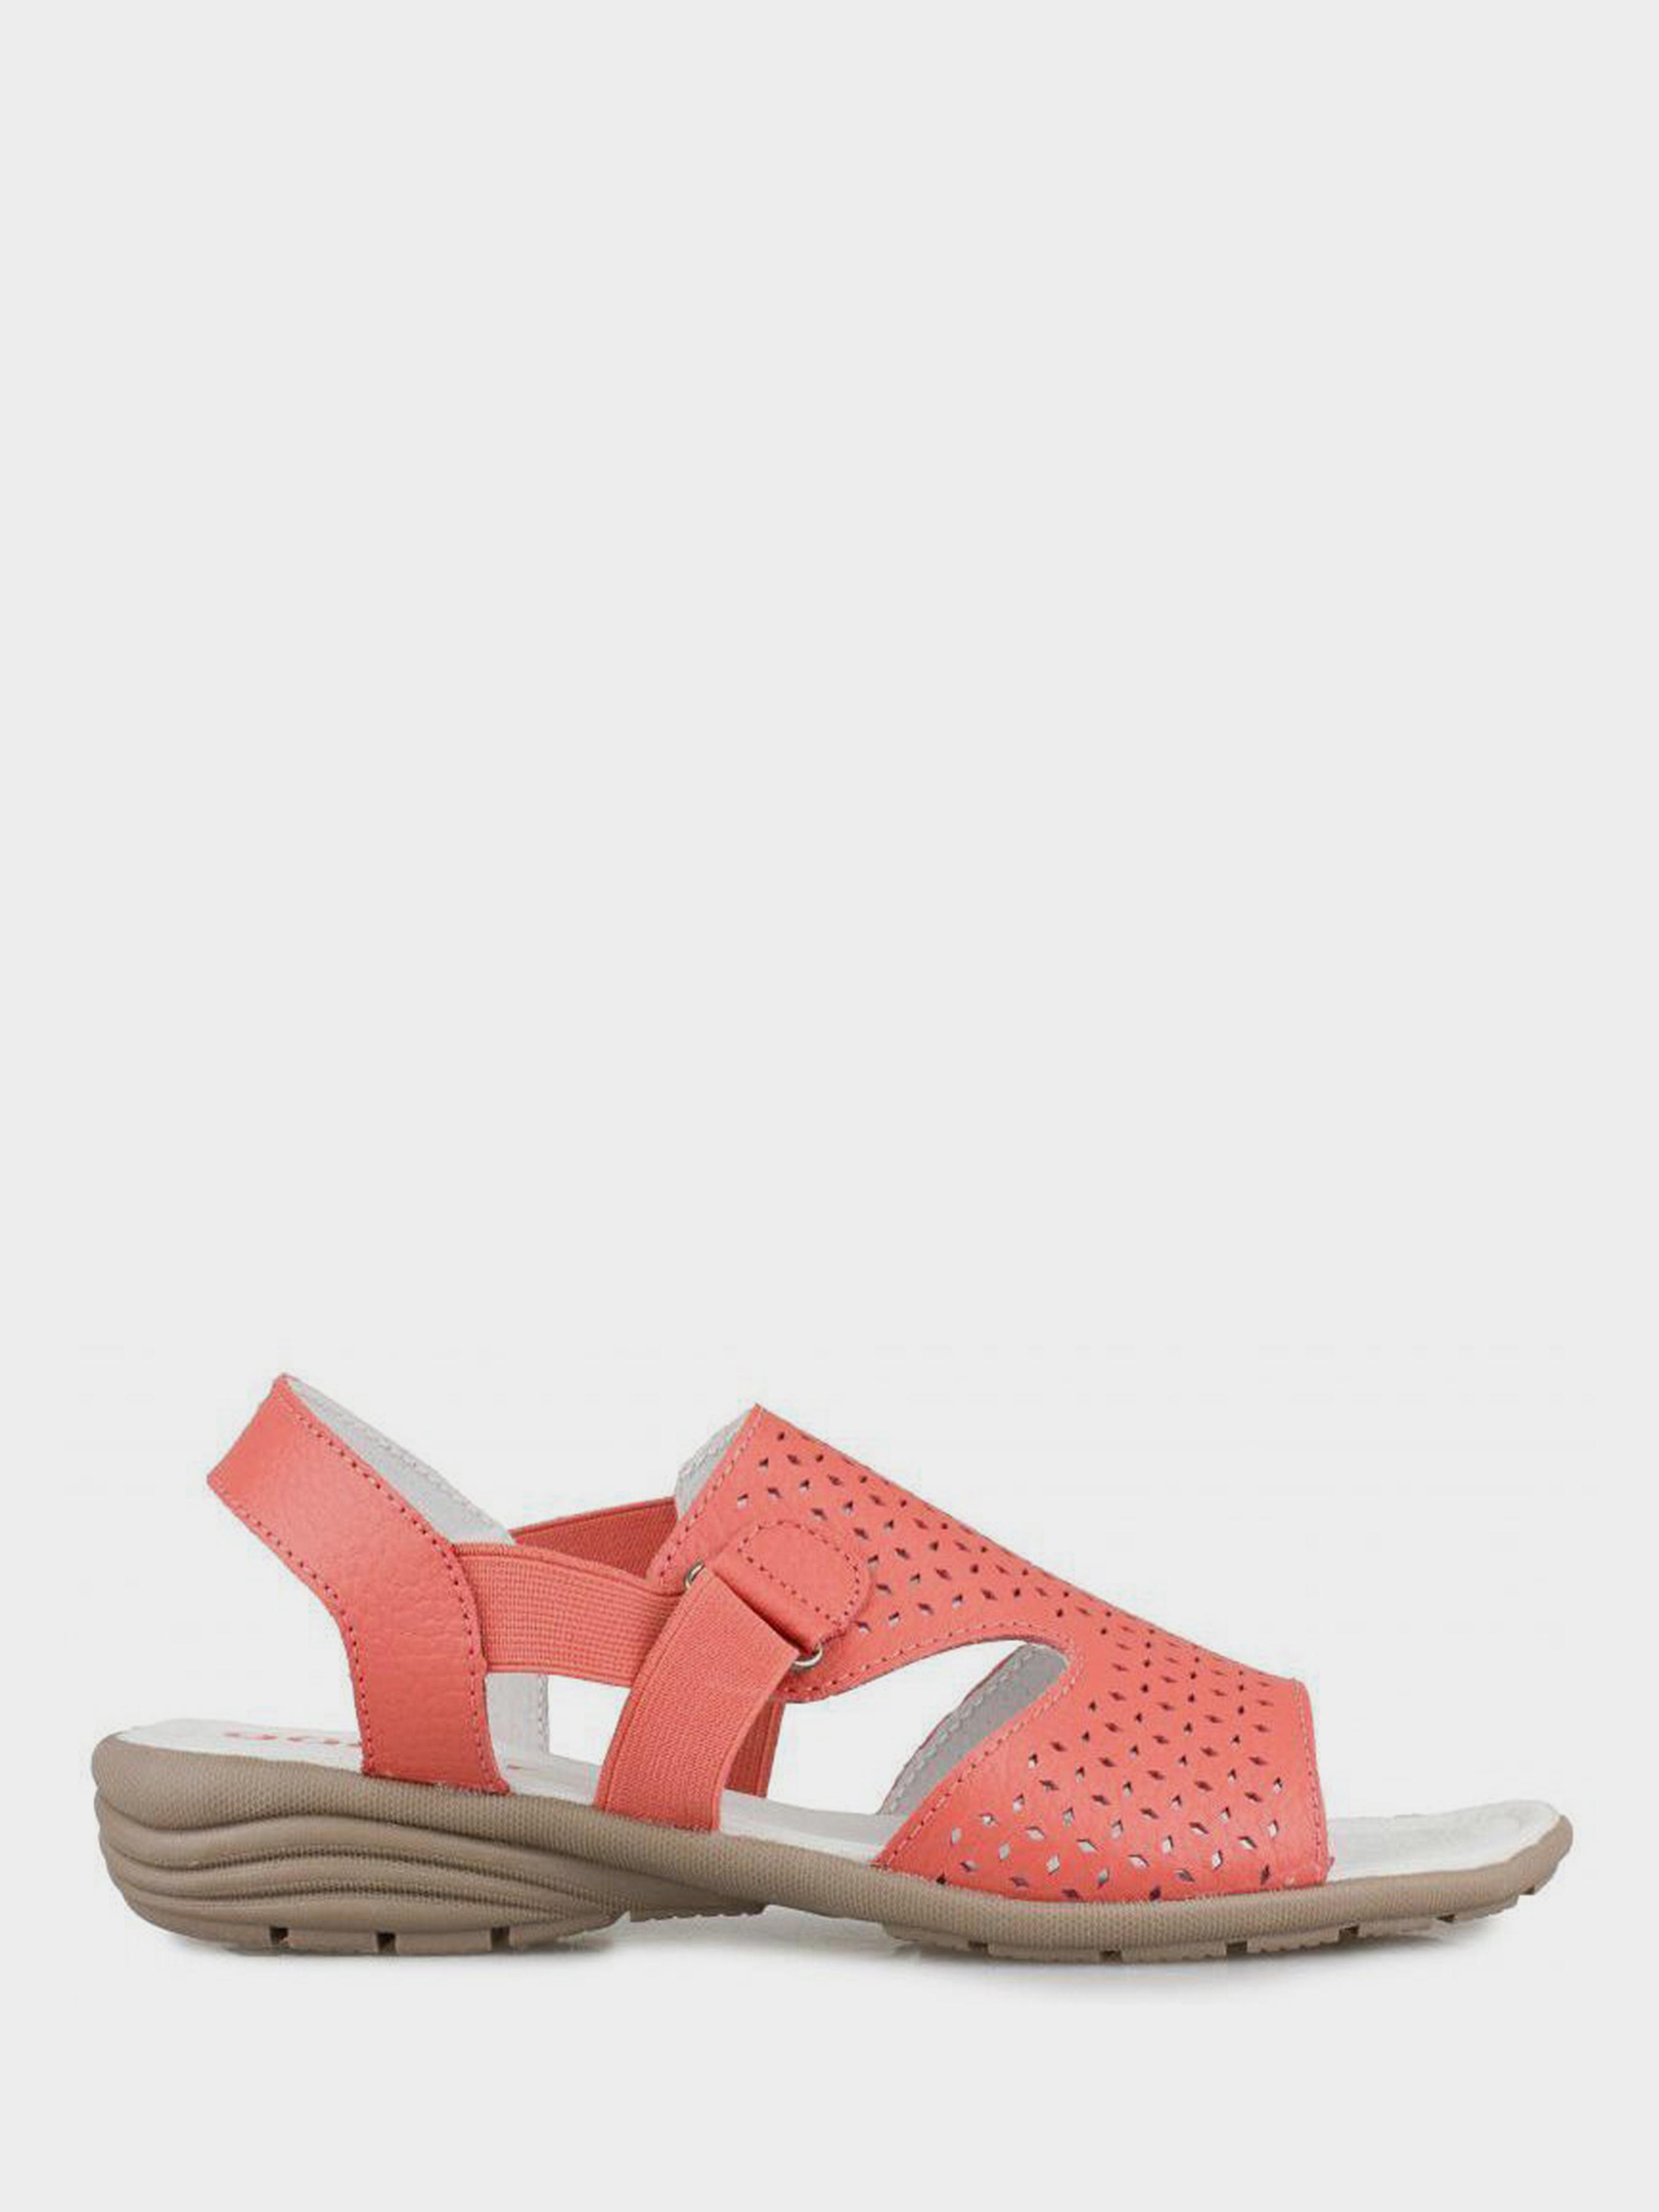 Босоножки для женщин Gunter GR163 размерная сетка обуви, 2017